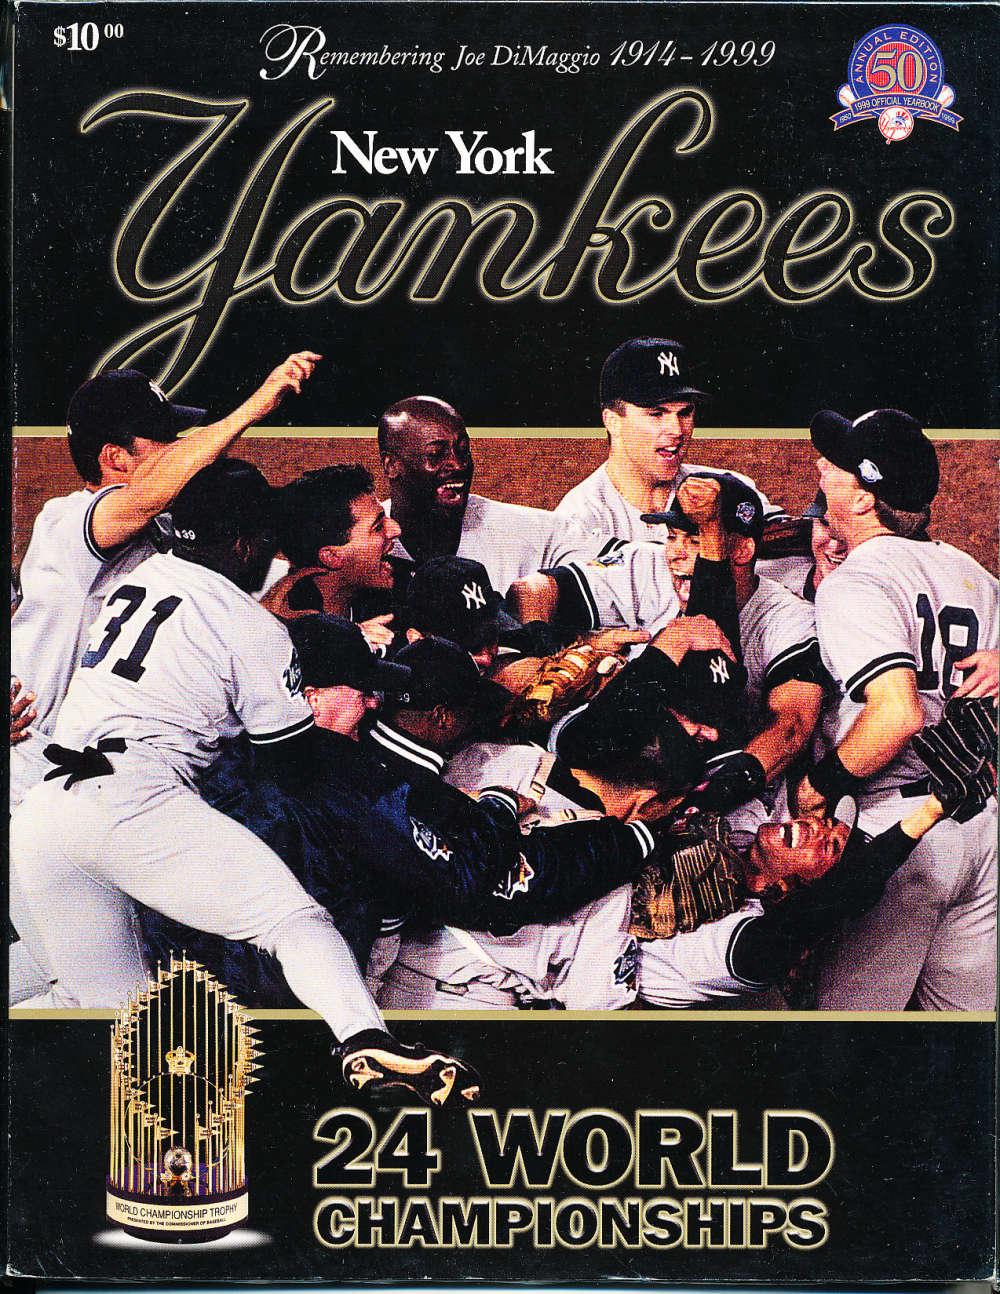 1999 New York Yankees Baseball Yearbook